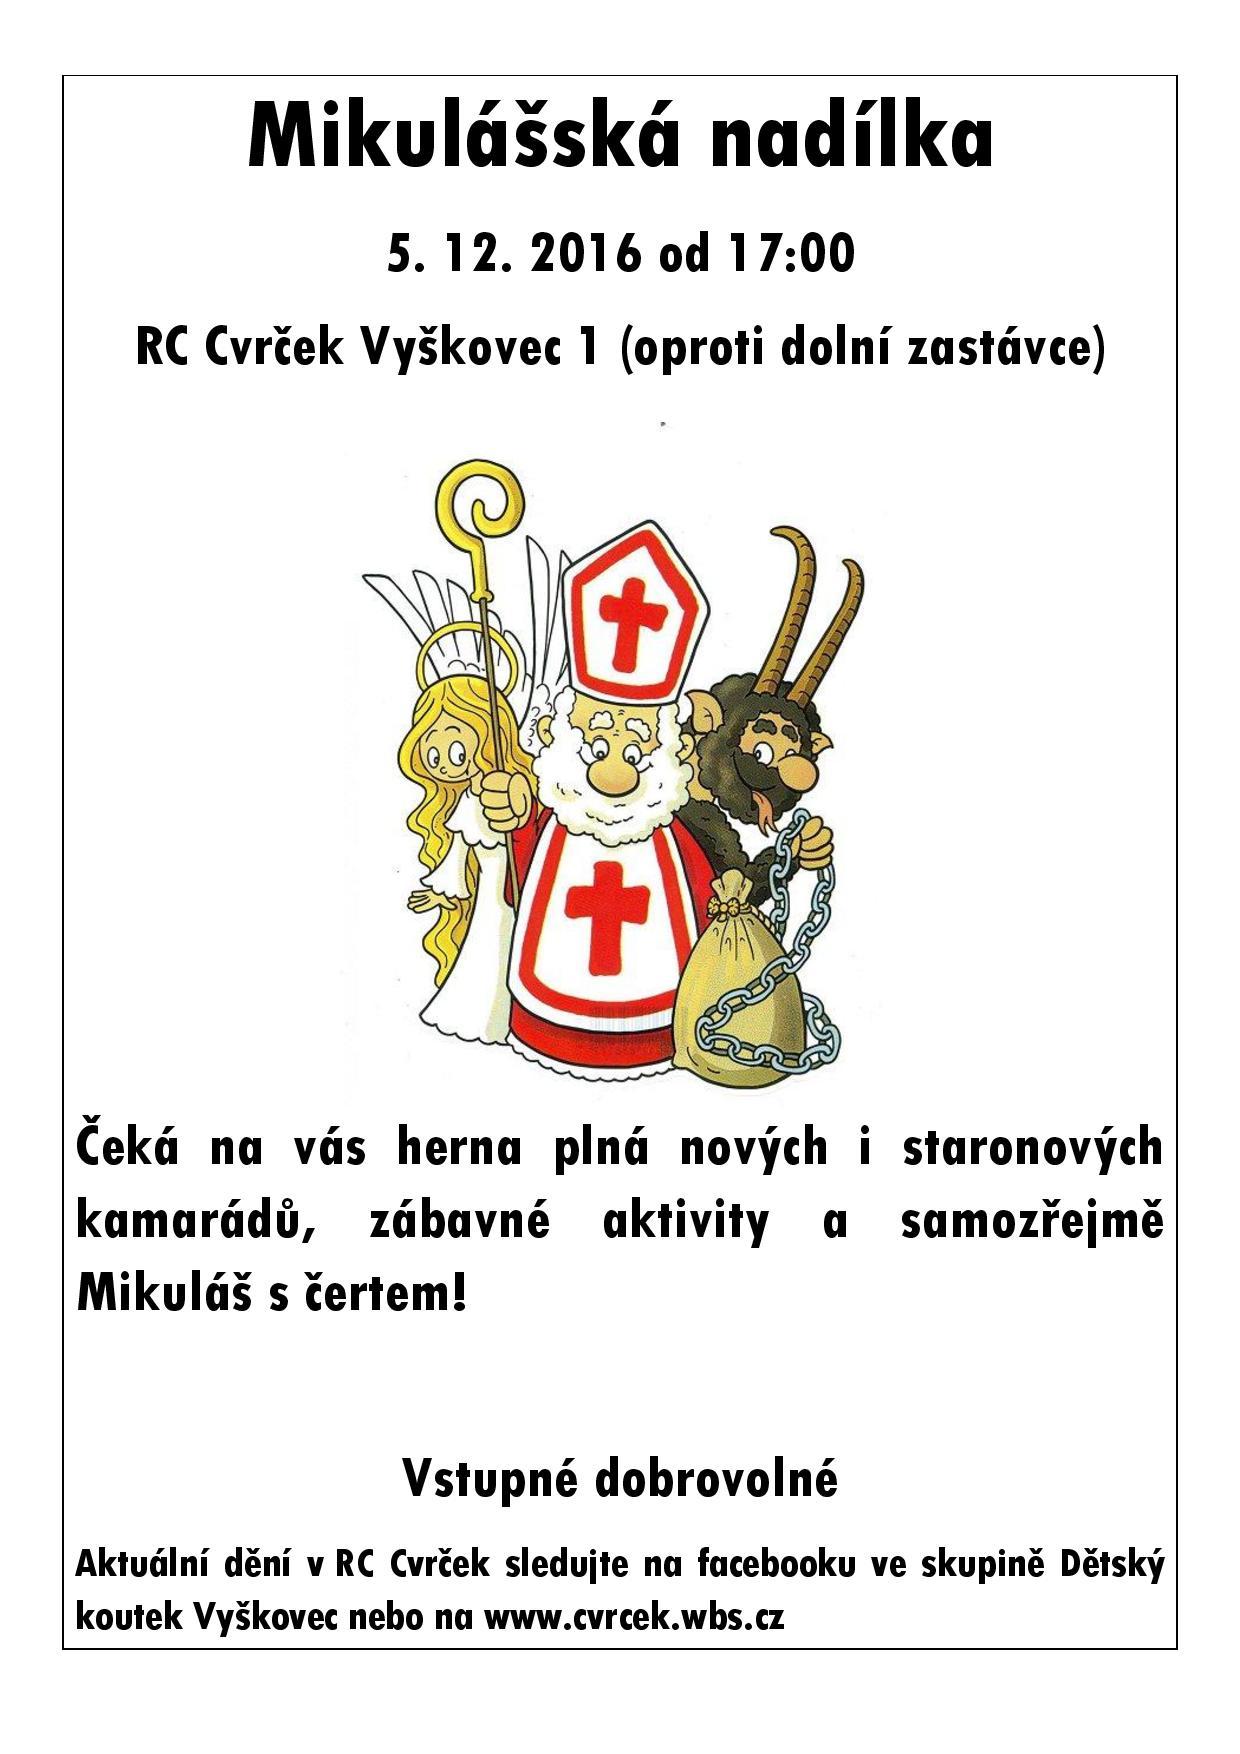 RC Cvrček - Mikulášská nadílka 2016